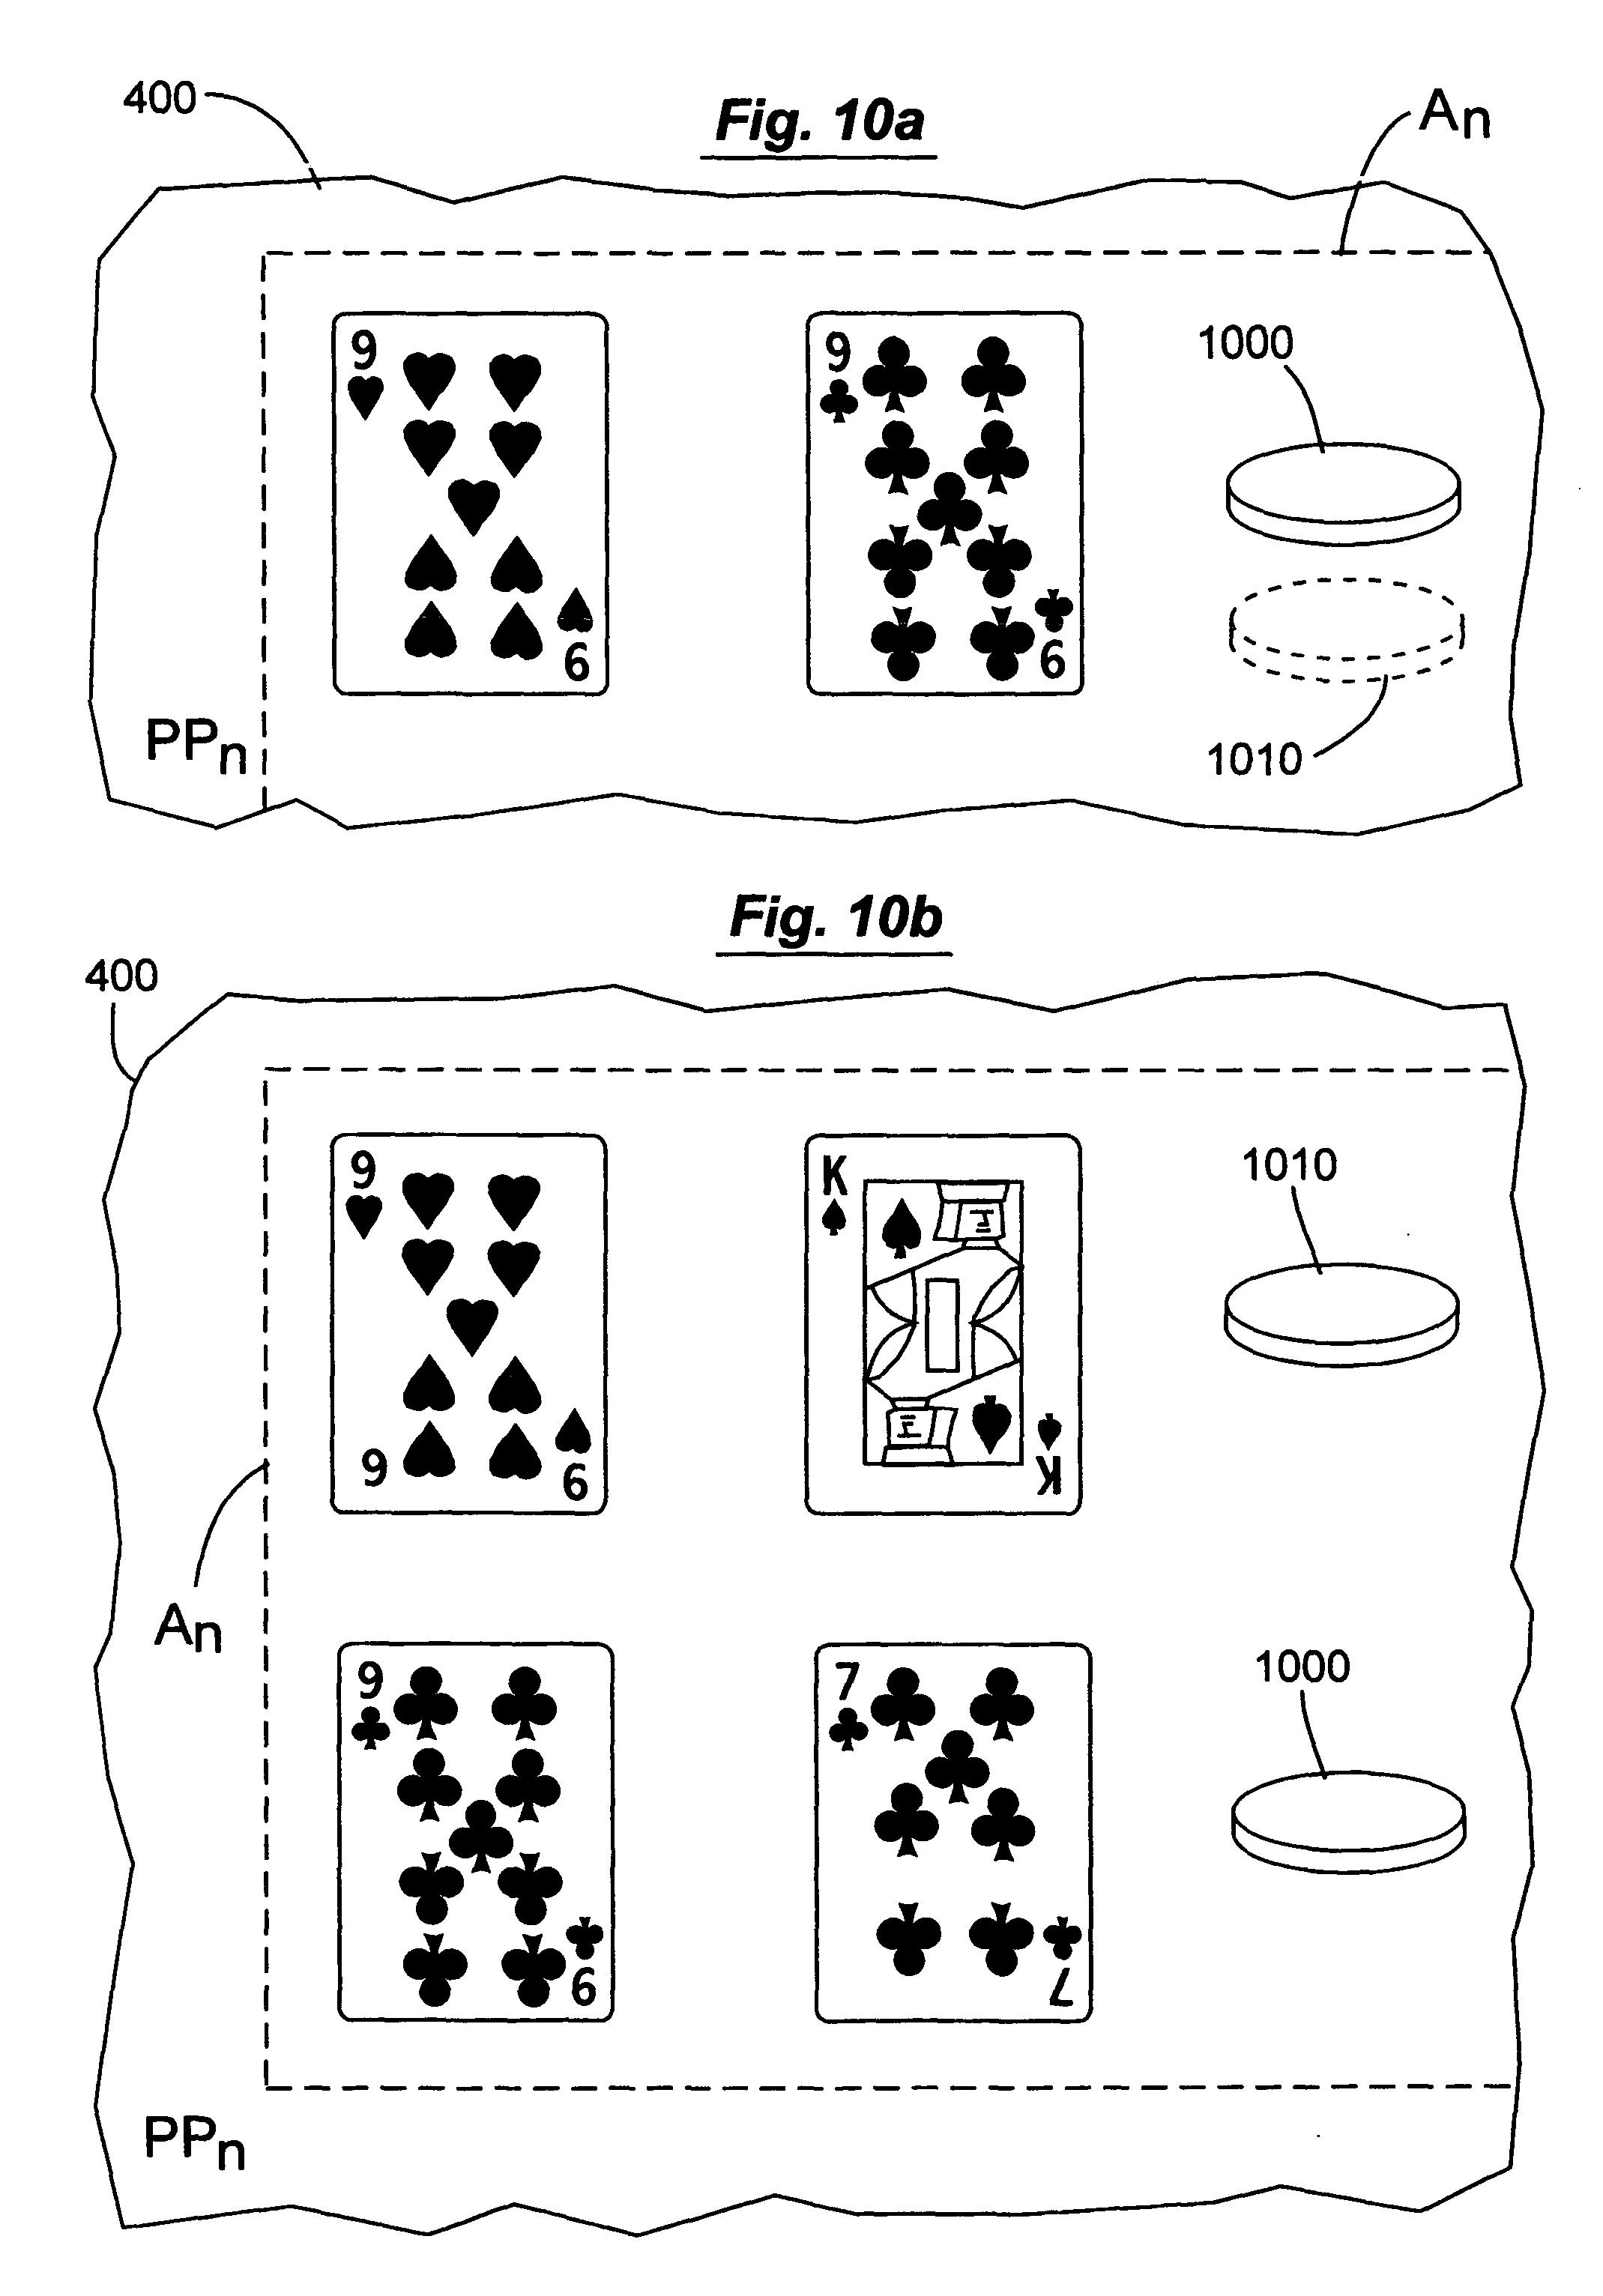 patenting a casino card game